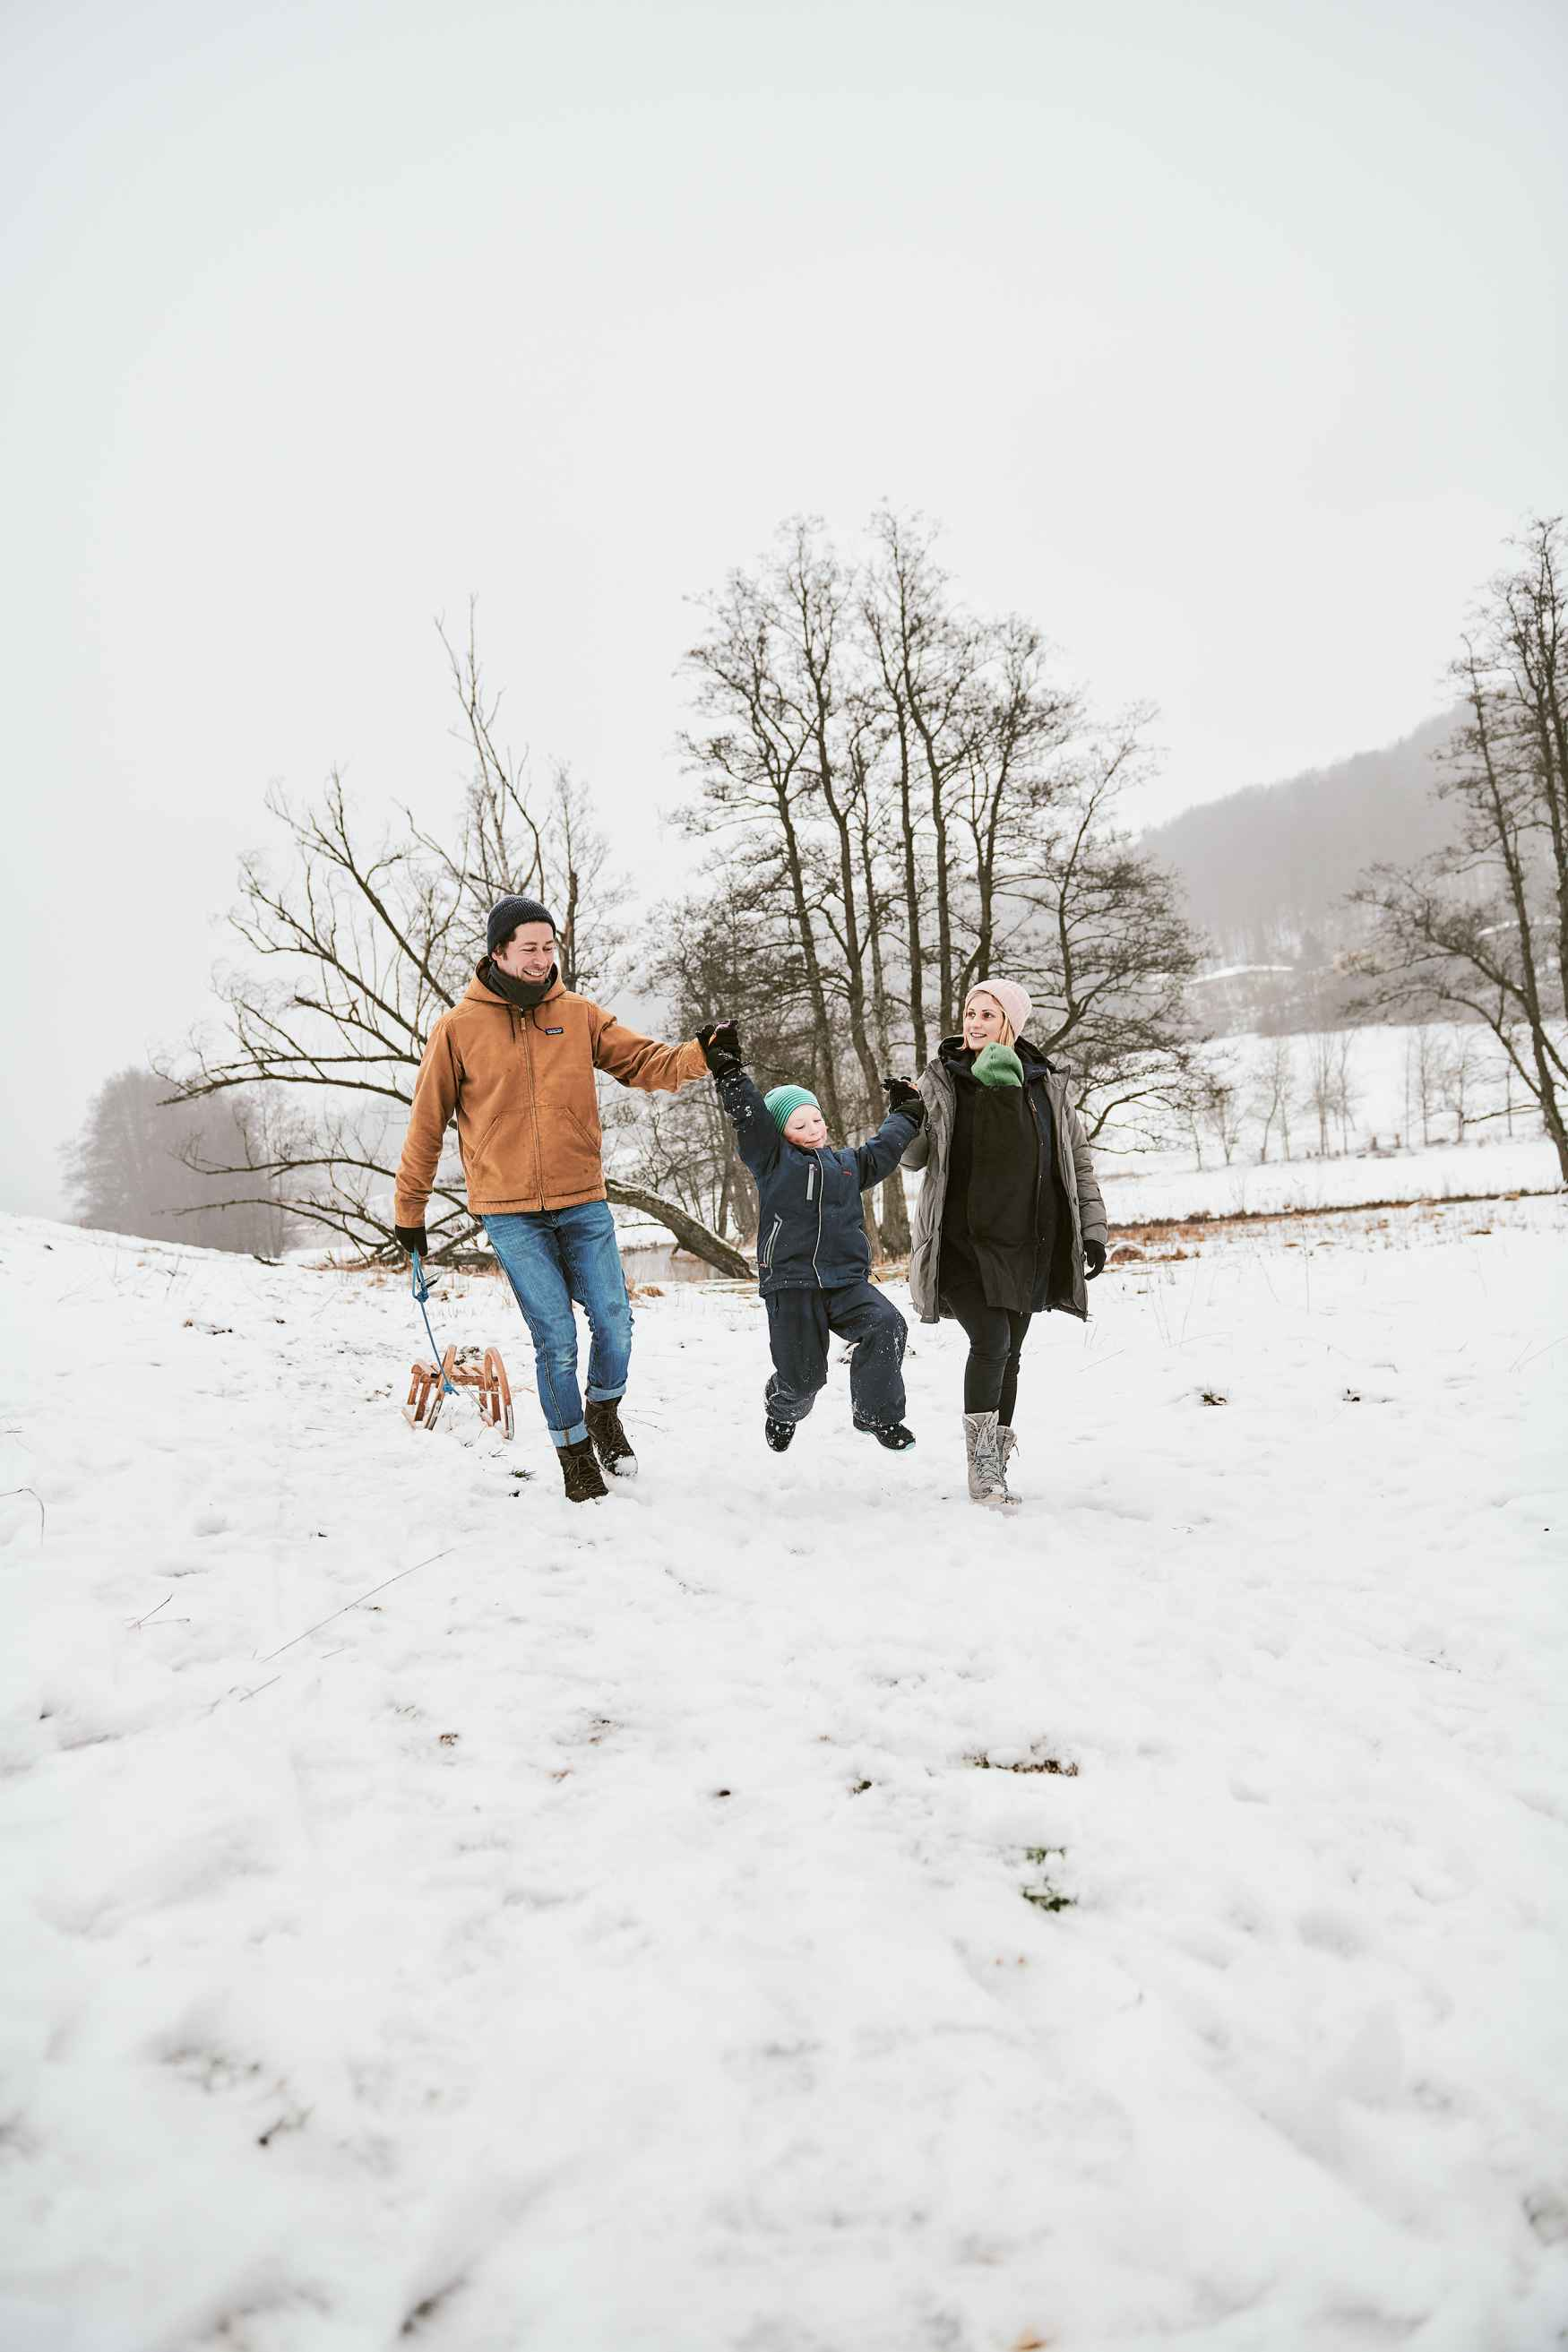 Der RUFUS GTX macht dank seiner soliden Konstruktion alles mit, womit ihn die Kids bei ihren Winterabenteuern herausfordern. Sein GORE-TEX-Partelana-Futter sorgt nicht nur dafür, dass die Schuhe wasserdicht sind und die Füße auch bei Schnee und Matsch warm bleiben, sondern garantiert auch einen angenehmen Klimakomfort im Schuh.